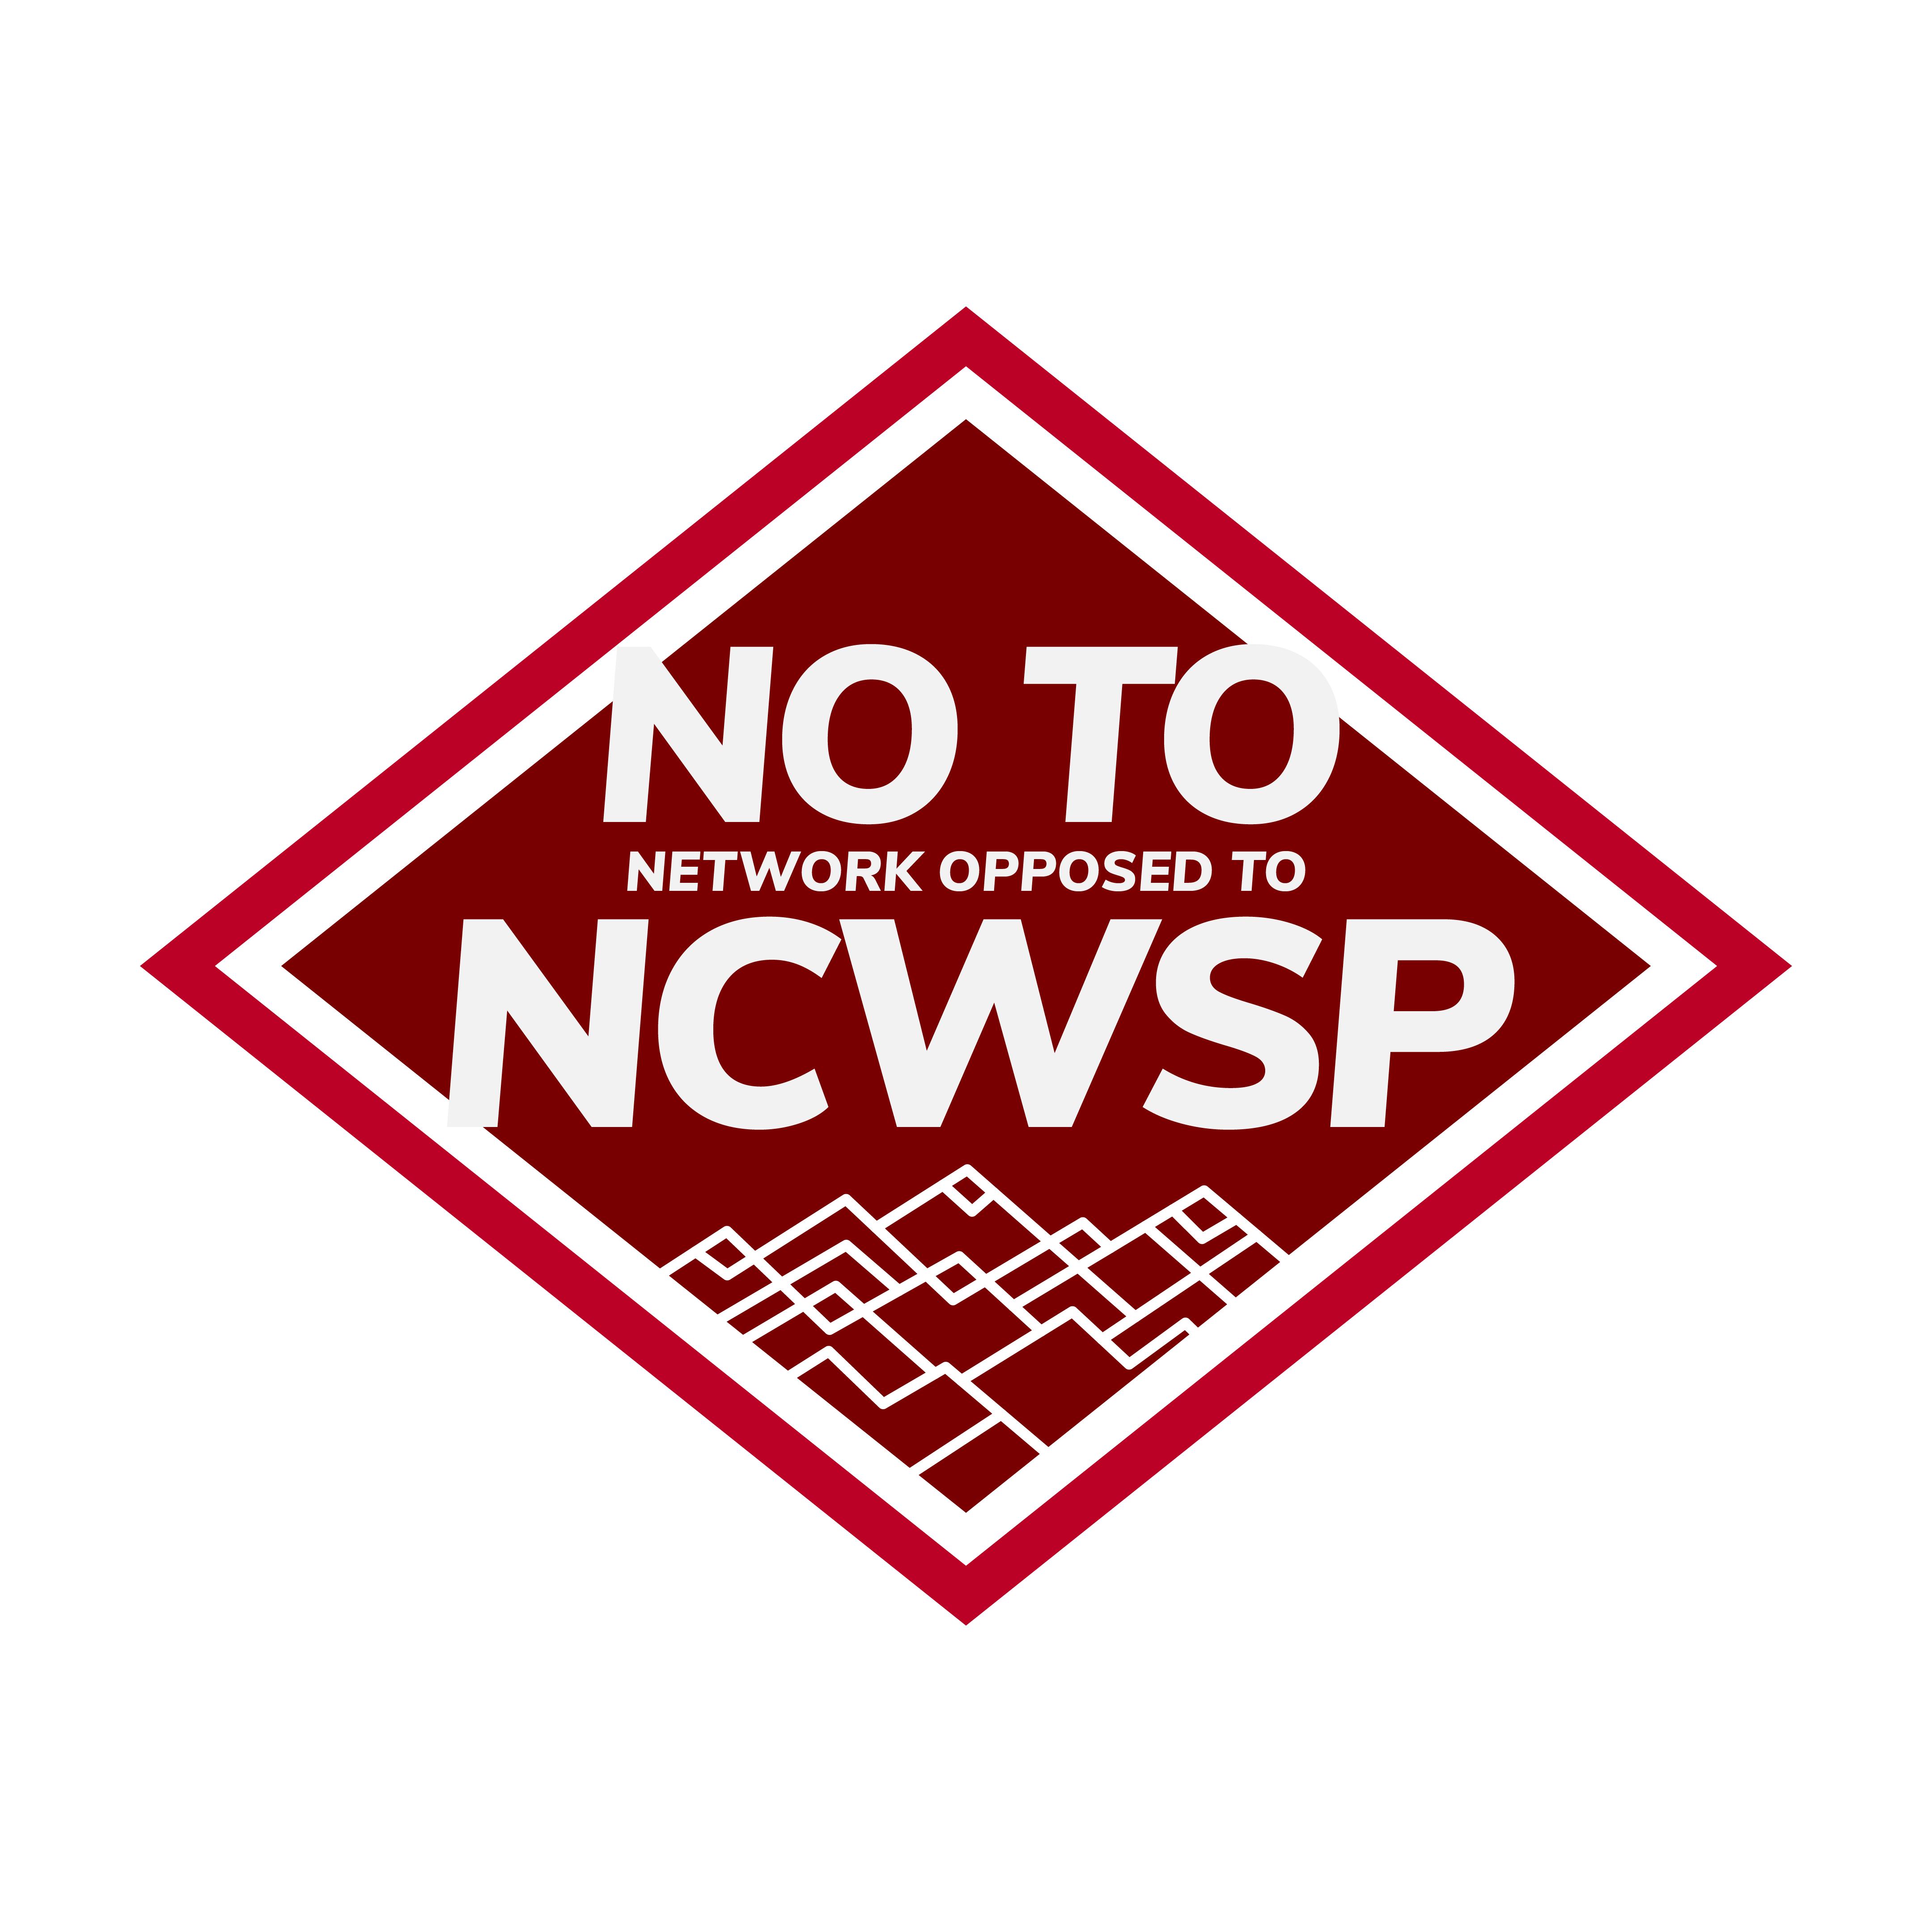 NO to NCWSP